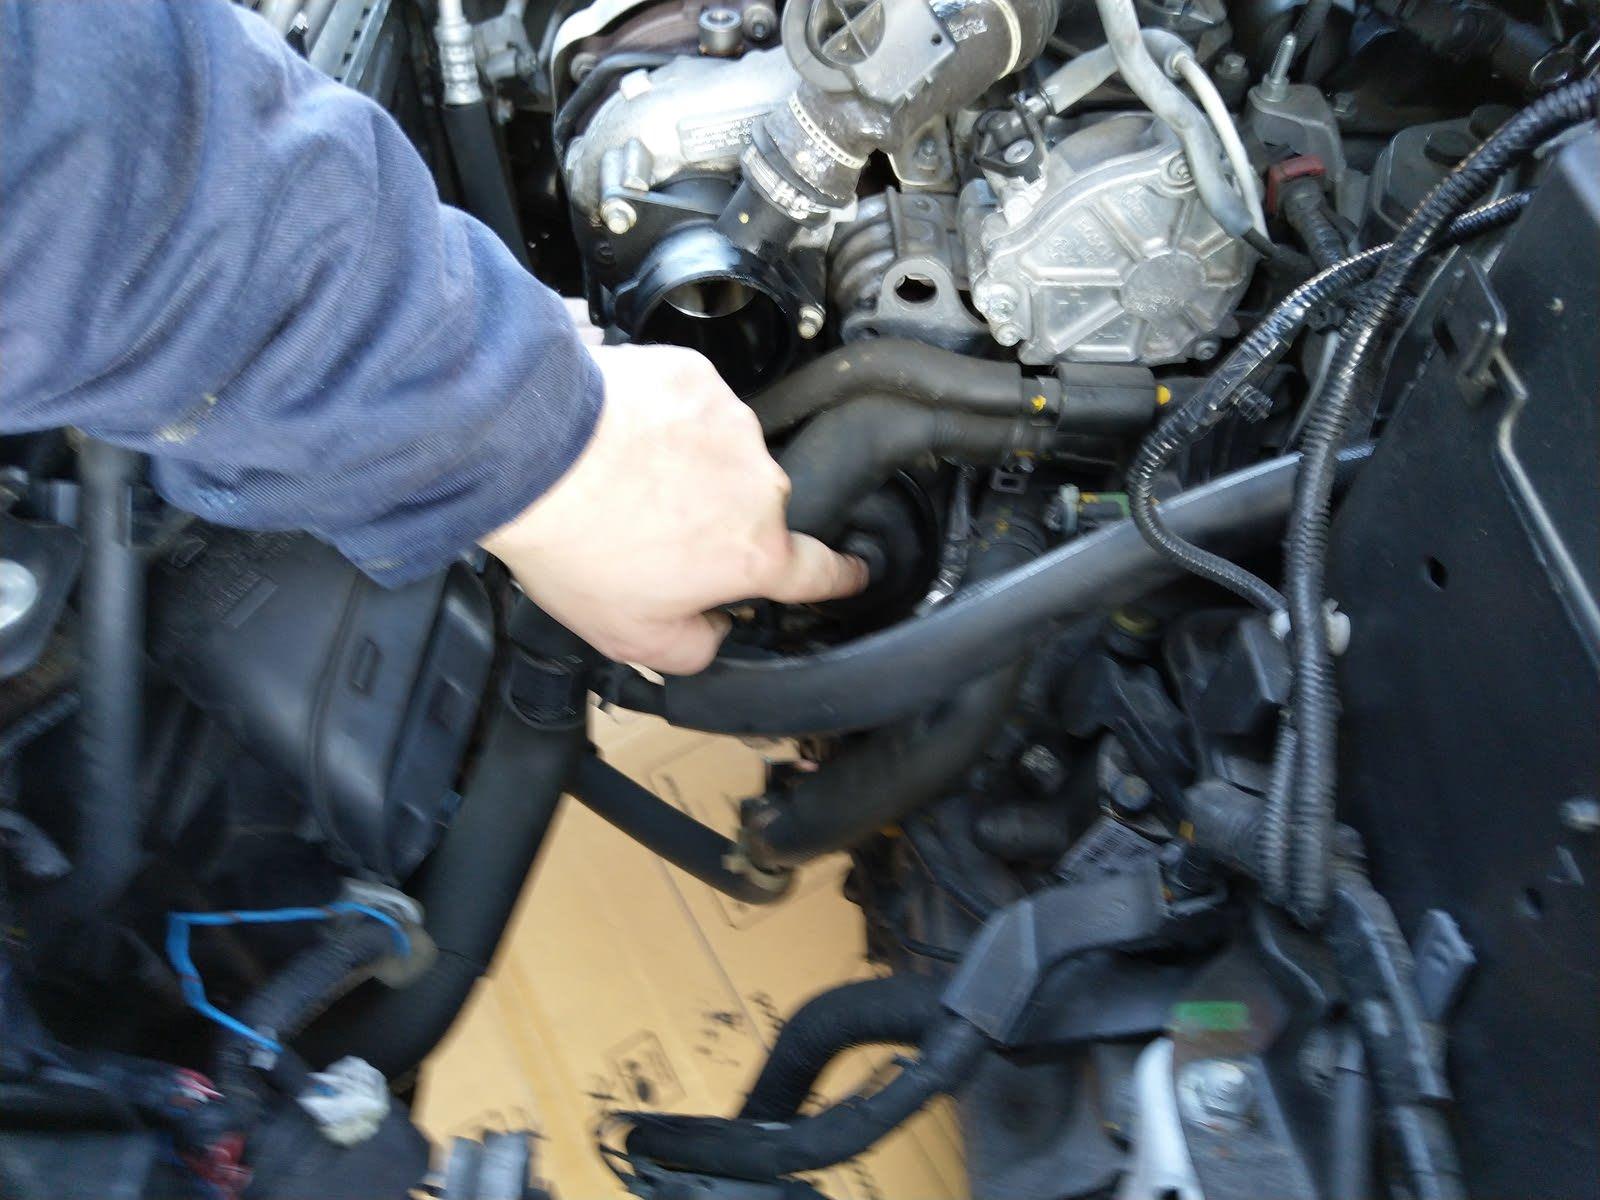 [FPER_4992]  Mazda MAZDA5 Questions - Mazda 5 oil filter - CarGurus   Mazda Fuel Filter Location      CarGurus